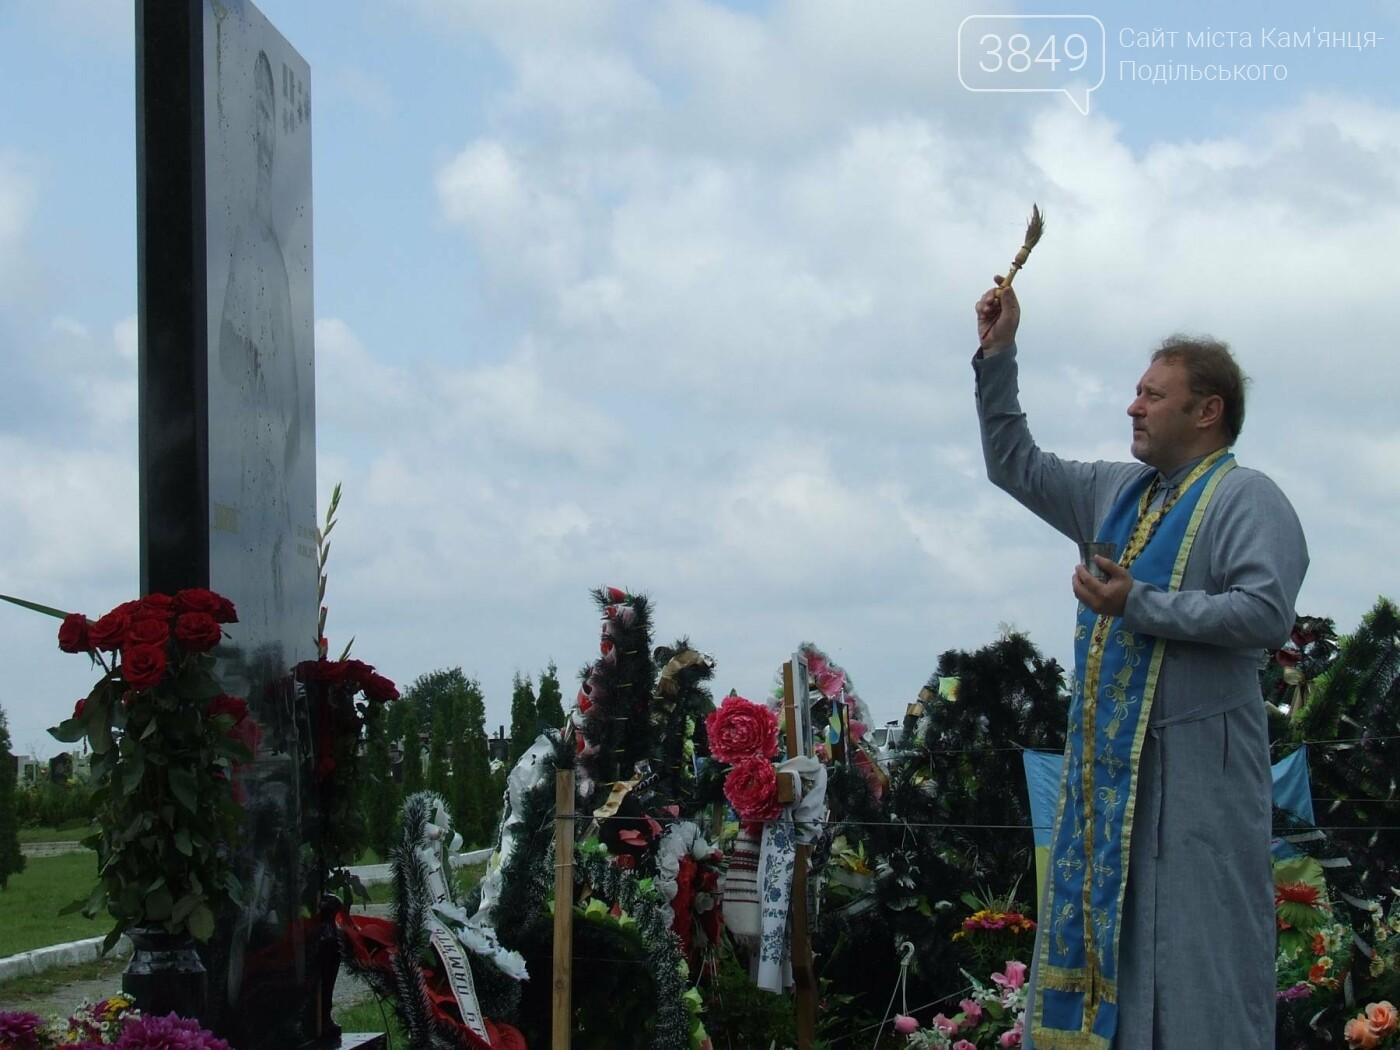 Річниця скорботи: у Кам'янці освятили меморіал Героя Ростислава Доброшинського, фото-13